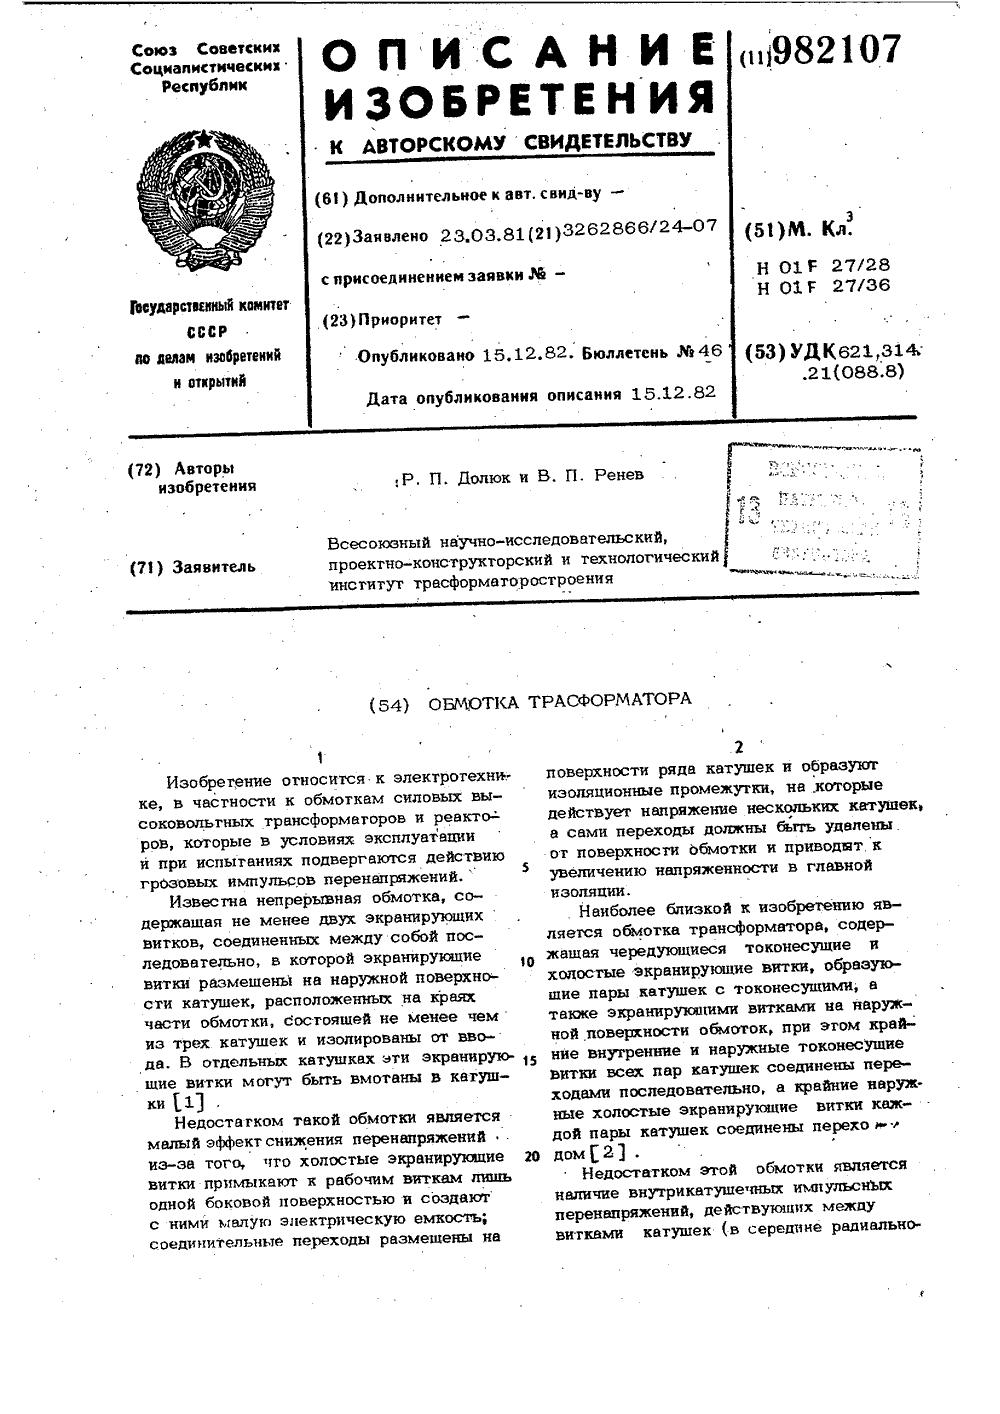 схема соединения обмоток трансформатора 11/21